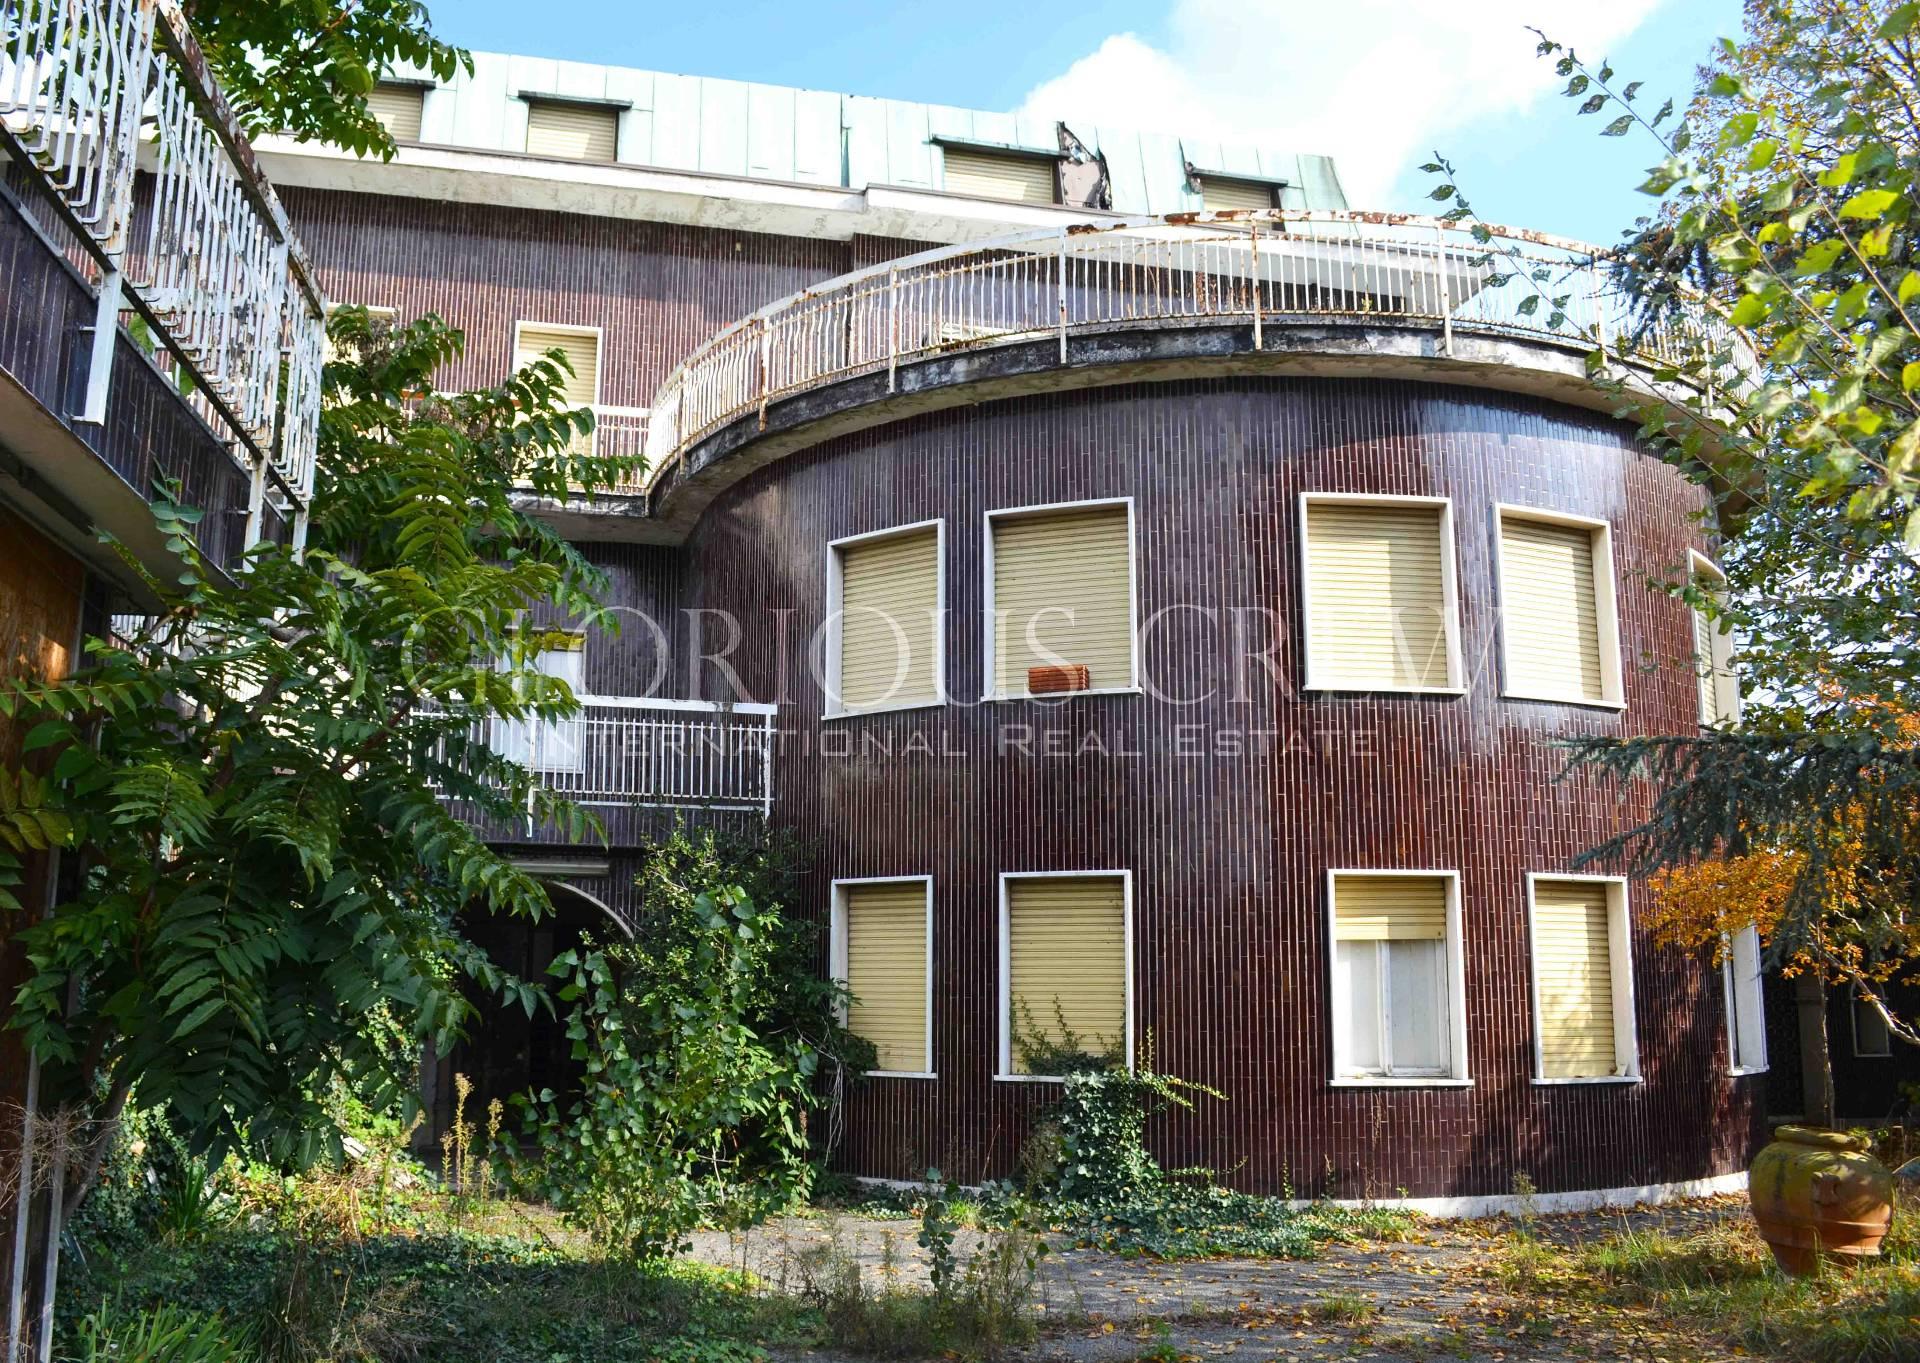 Rustico in Vendita a Milano 23 Forlanini / Mecenate: 5 locali, 1200 mq